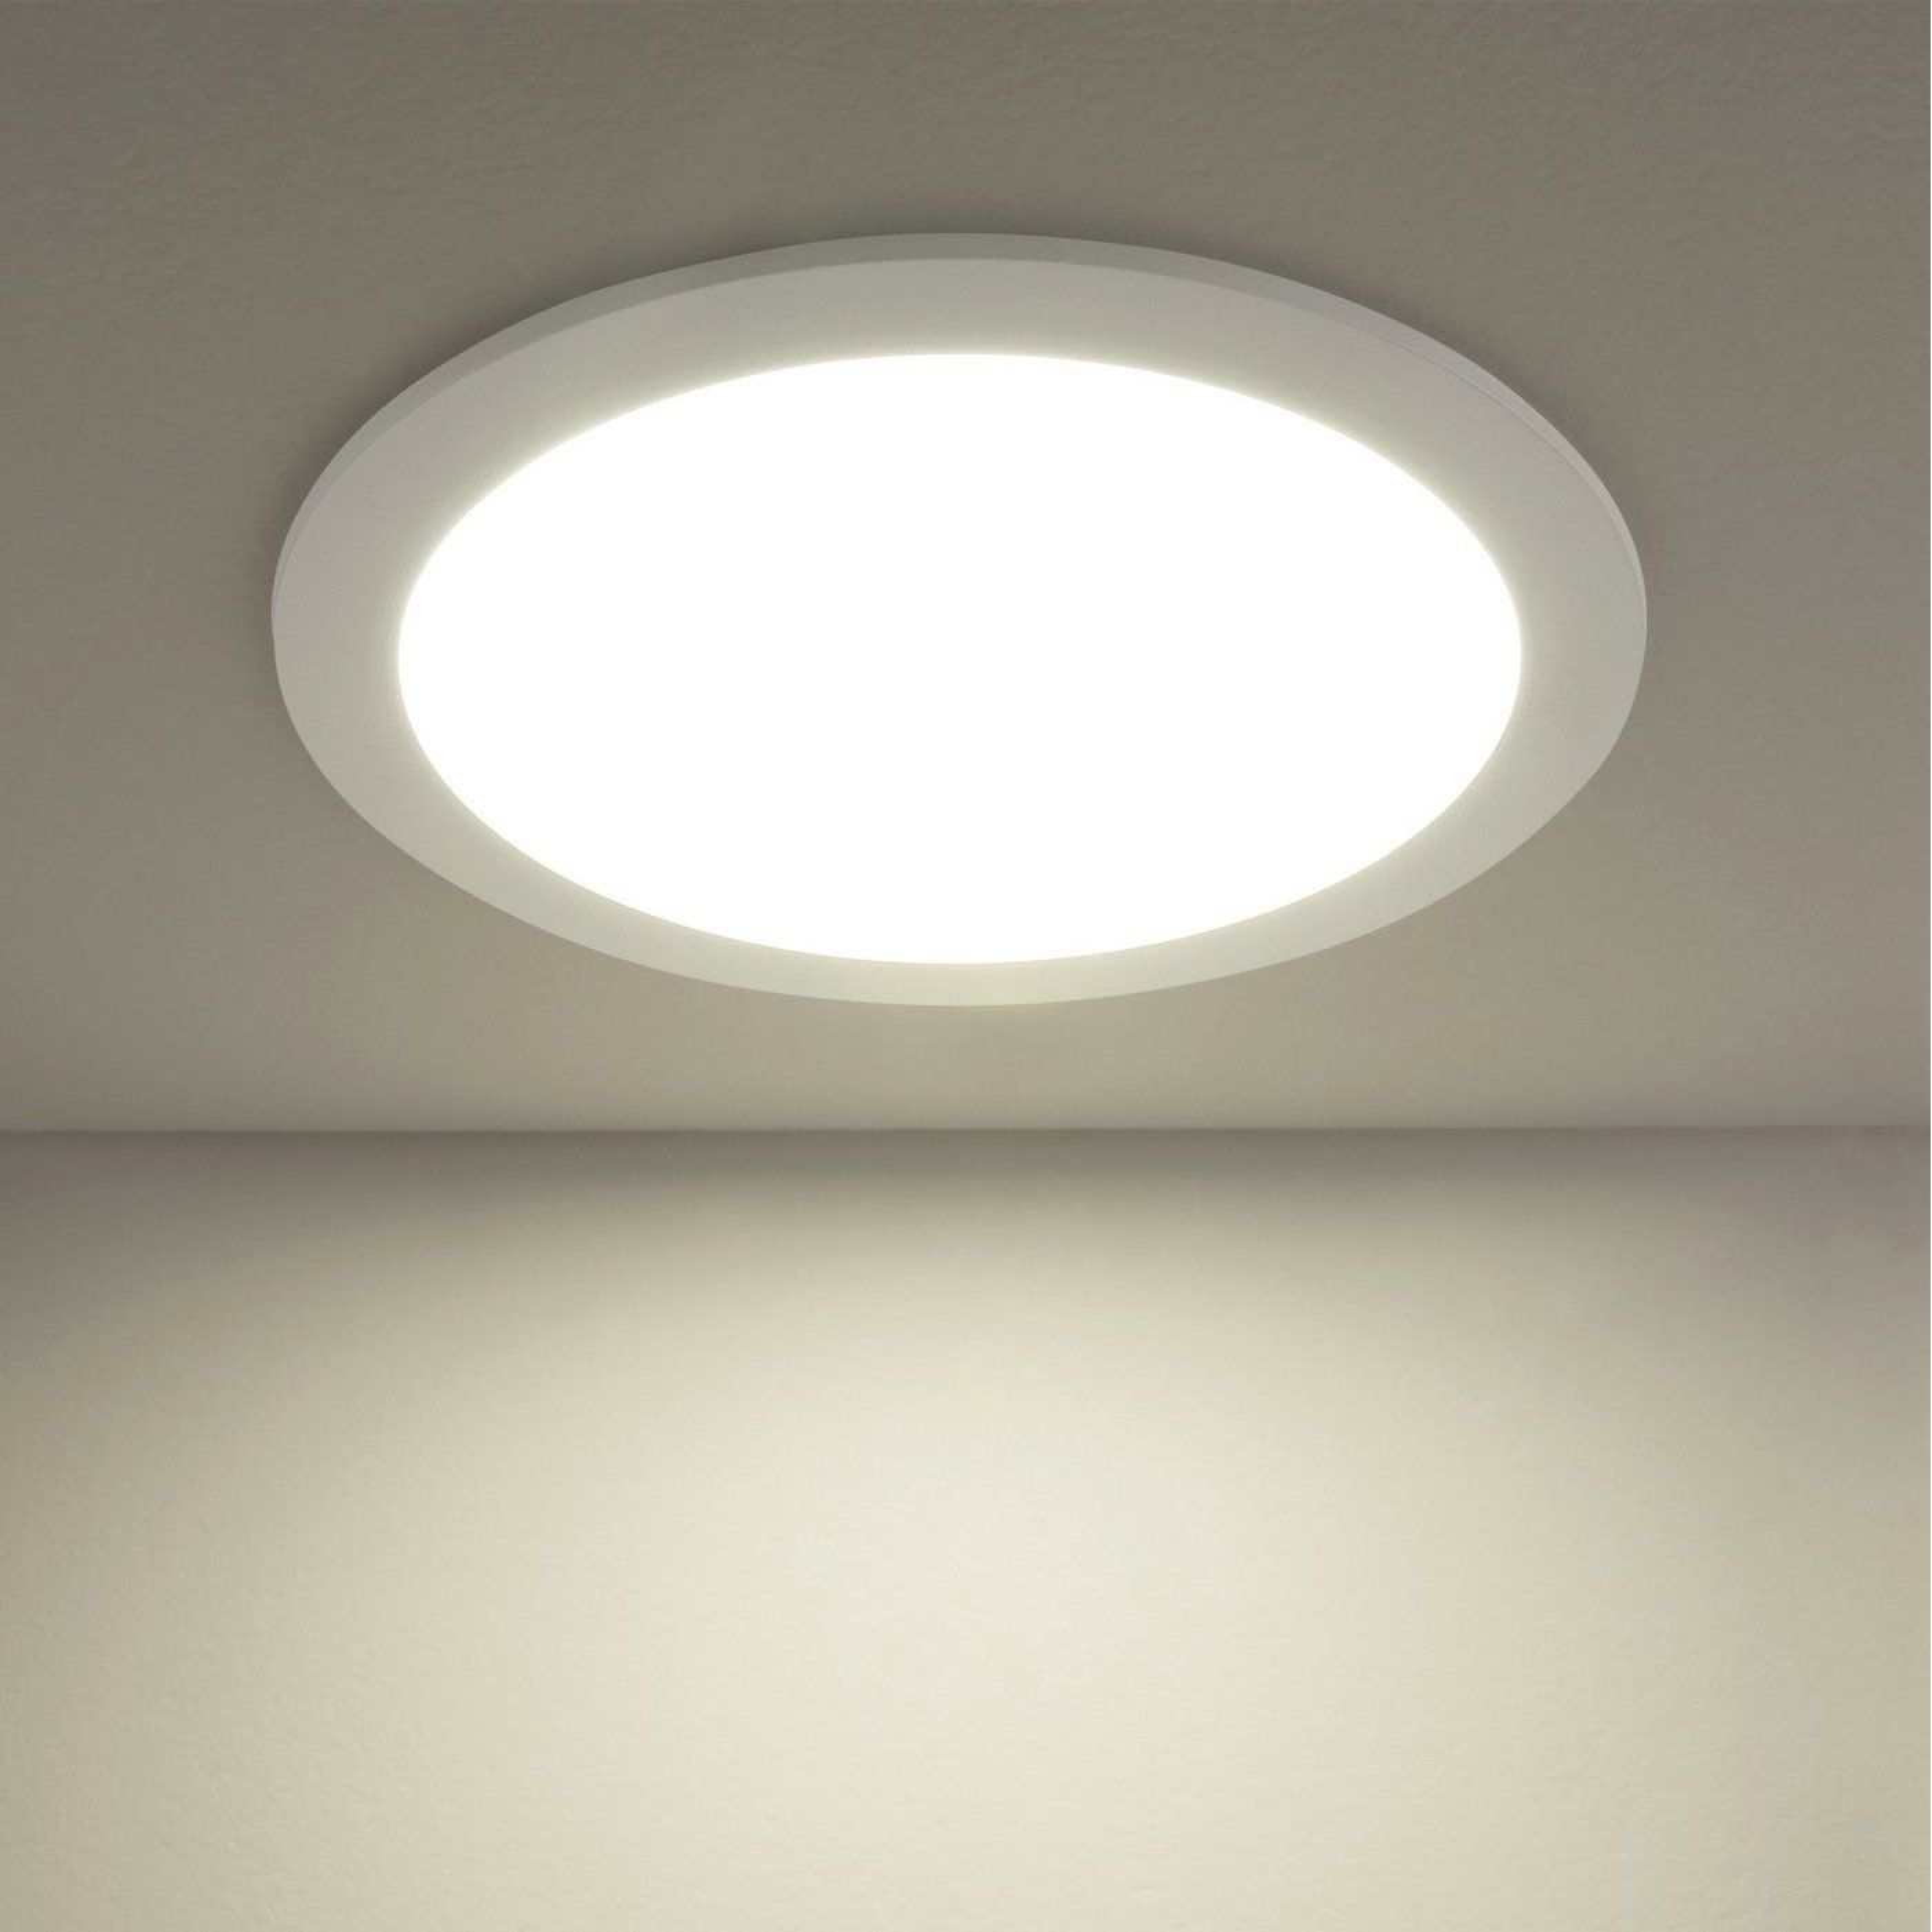 Фото Встраиваемый светильник Elektrostandard Downlight a034917